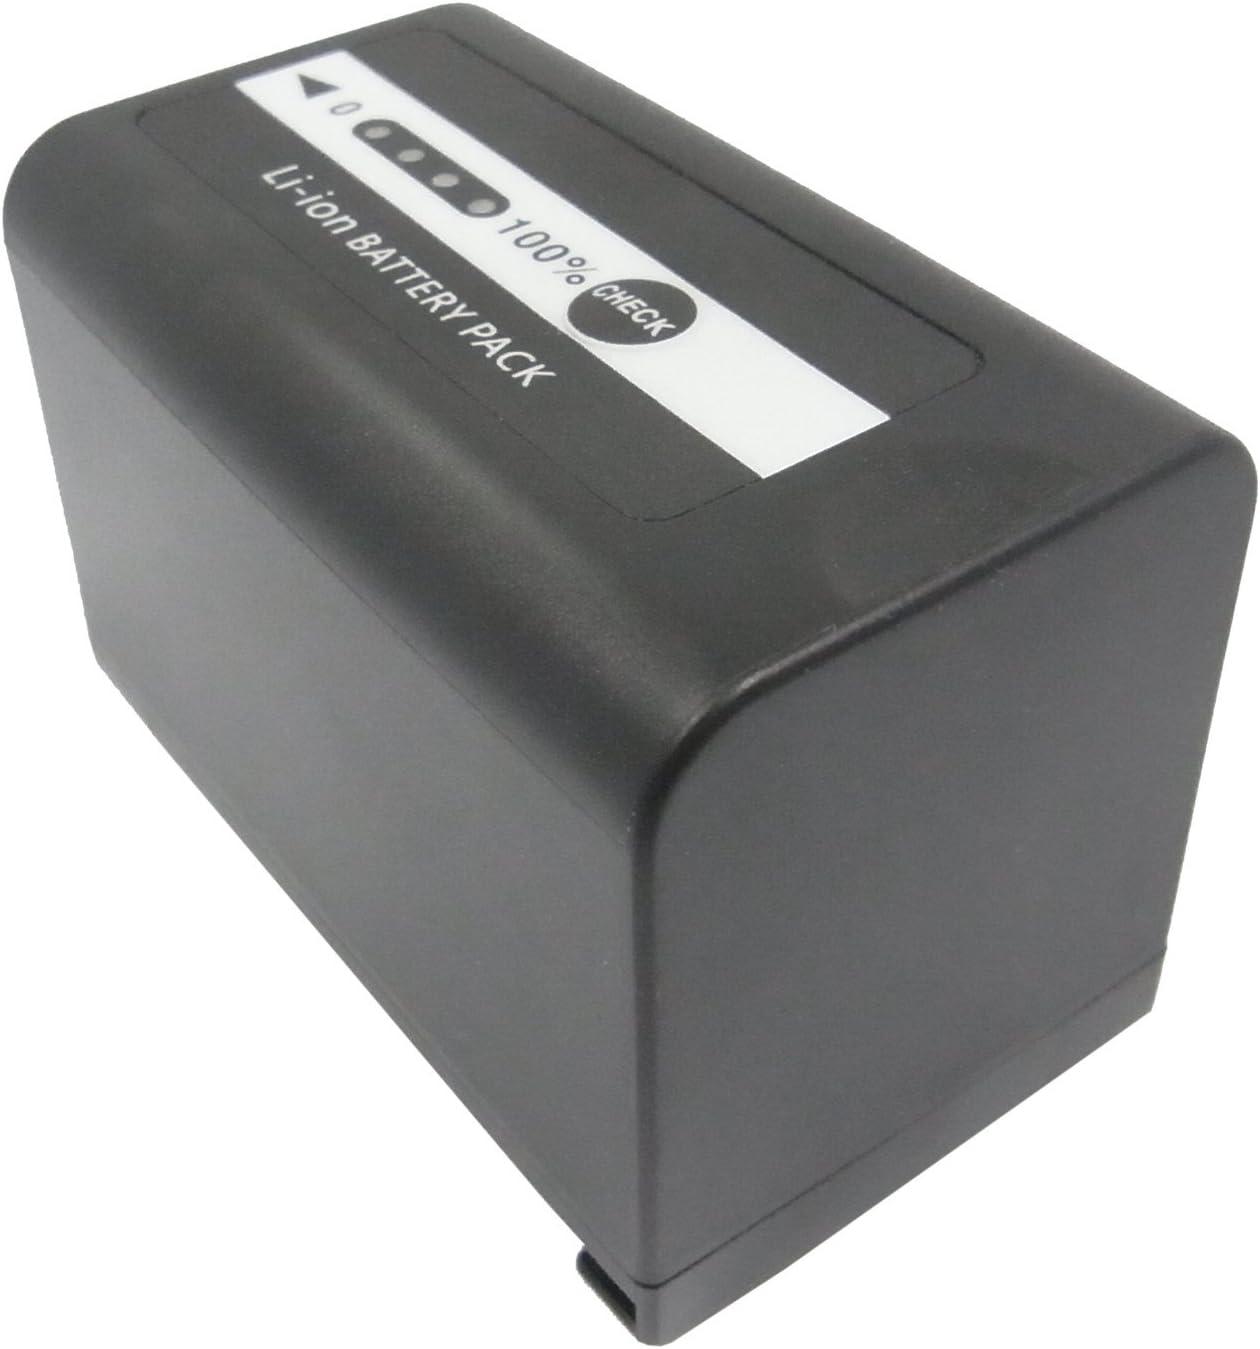 4400mAh Replacement for Panasonic AJ-PX270 VW-VBD58E-K AJ-PX298 AJ-PX298MC Battery P//N VW-VBD29 VW-VBD58